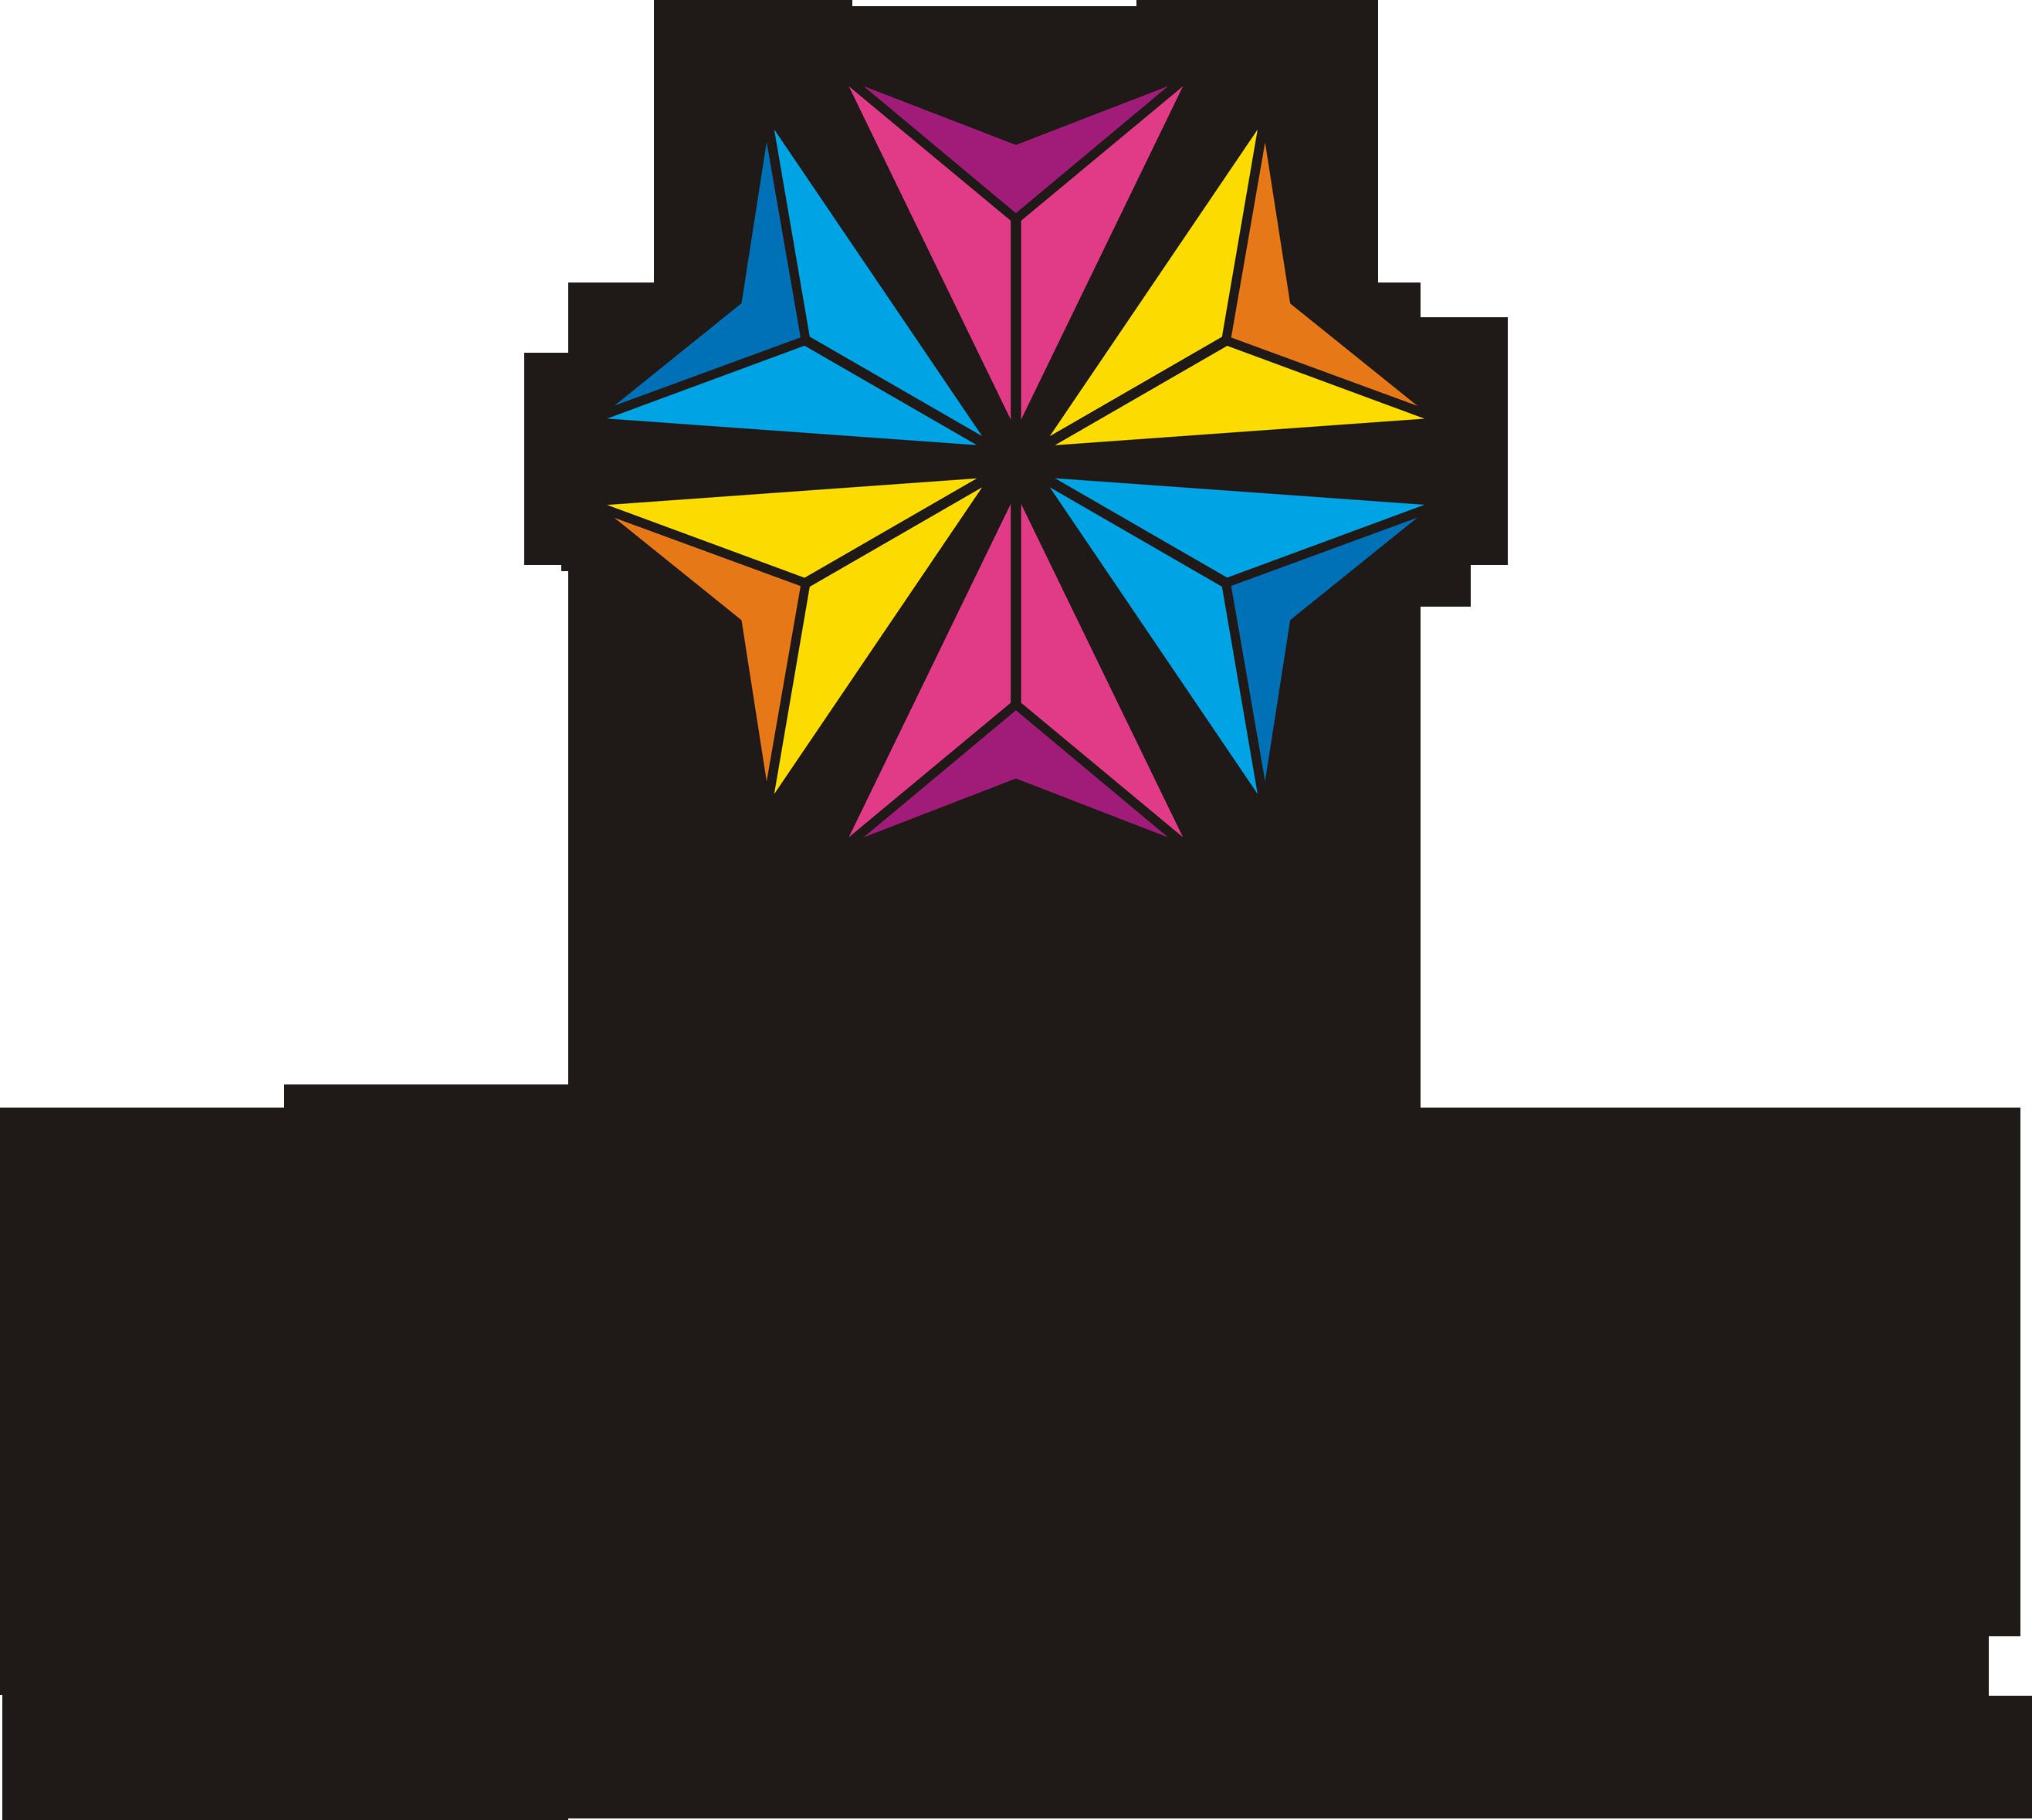 广州市时尚商业城有限公司